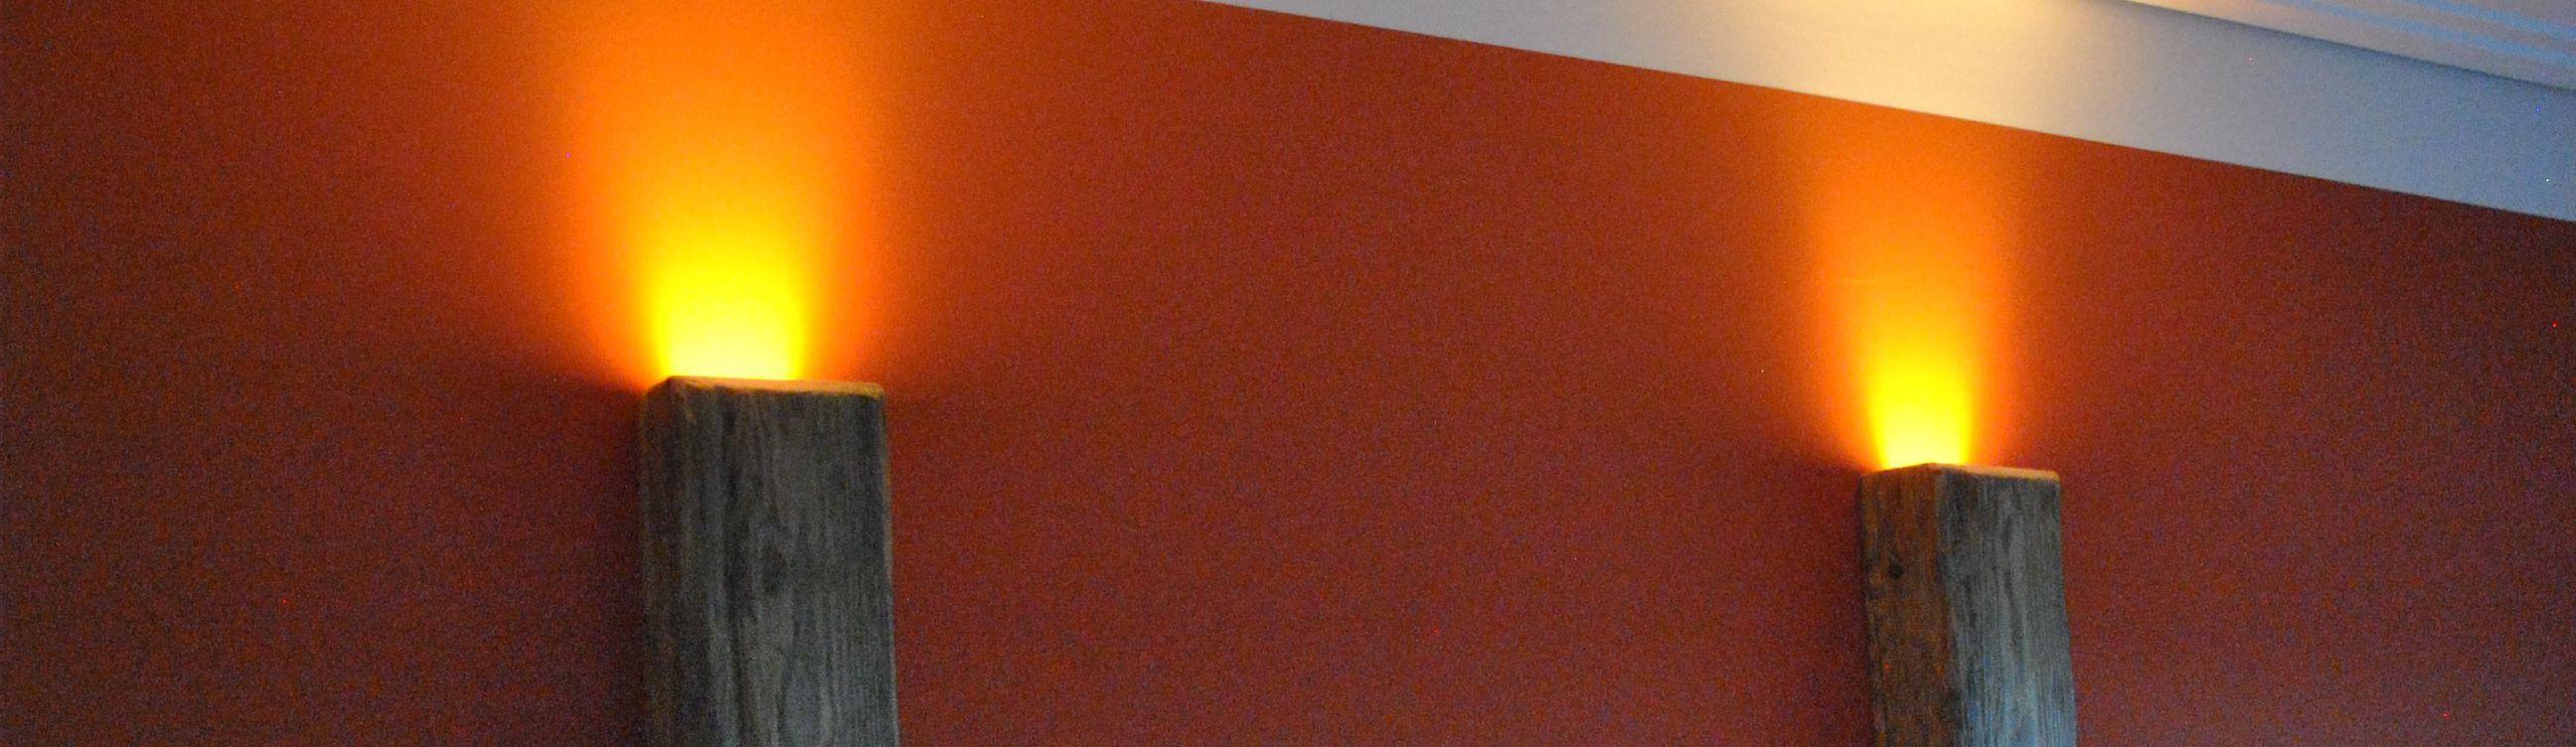 altholz wandlampen mit led von altholz ideen homify. Black Bedroom Furniture Sets. Home Design Ideas